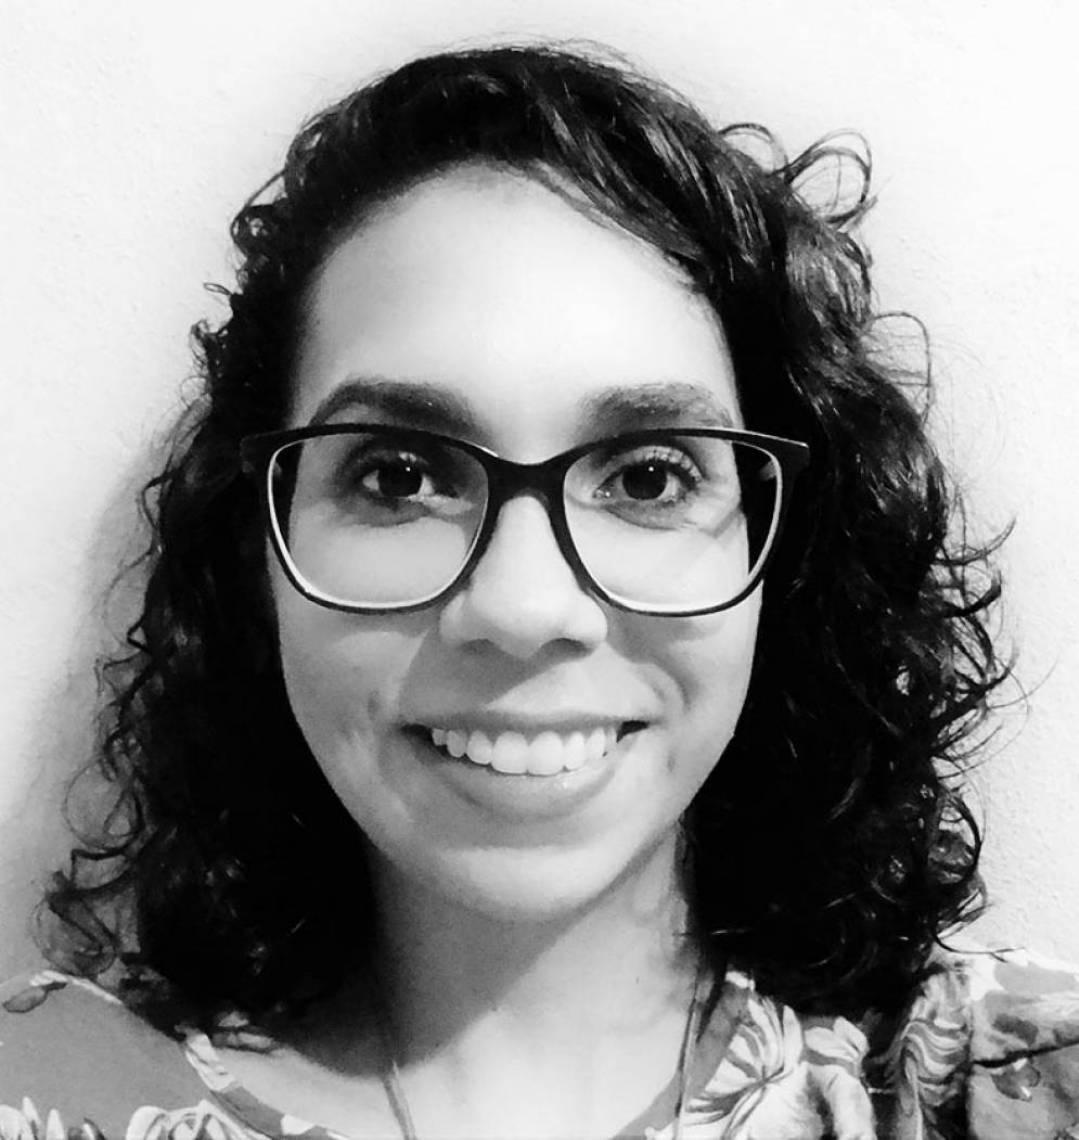 Gabriella Bezerra  Professora da Universidade Federal Rural de Pernambuco (UFRPE) e pesquisadora do Laboratório de Estudos sobre Política, Eleições e Mídia (Lepem)